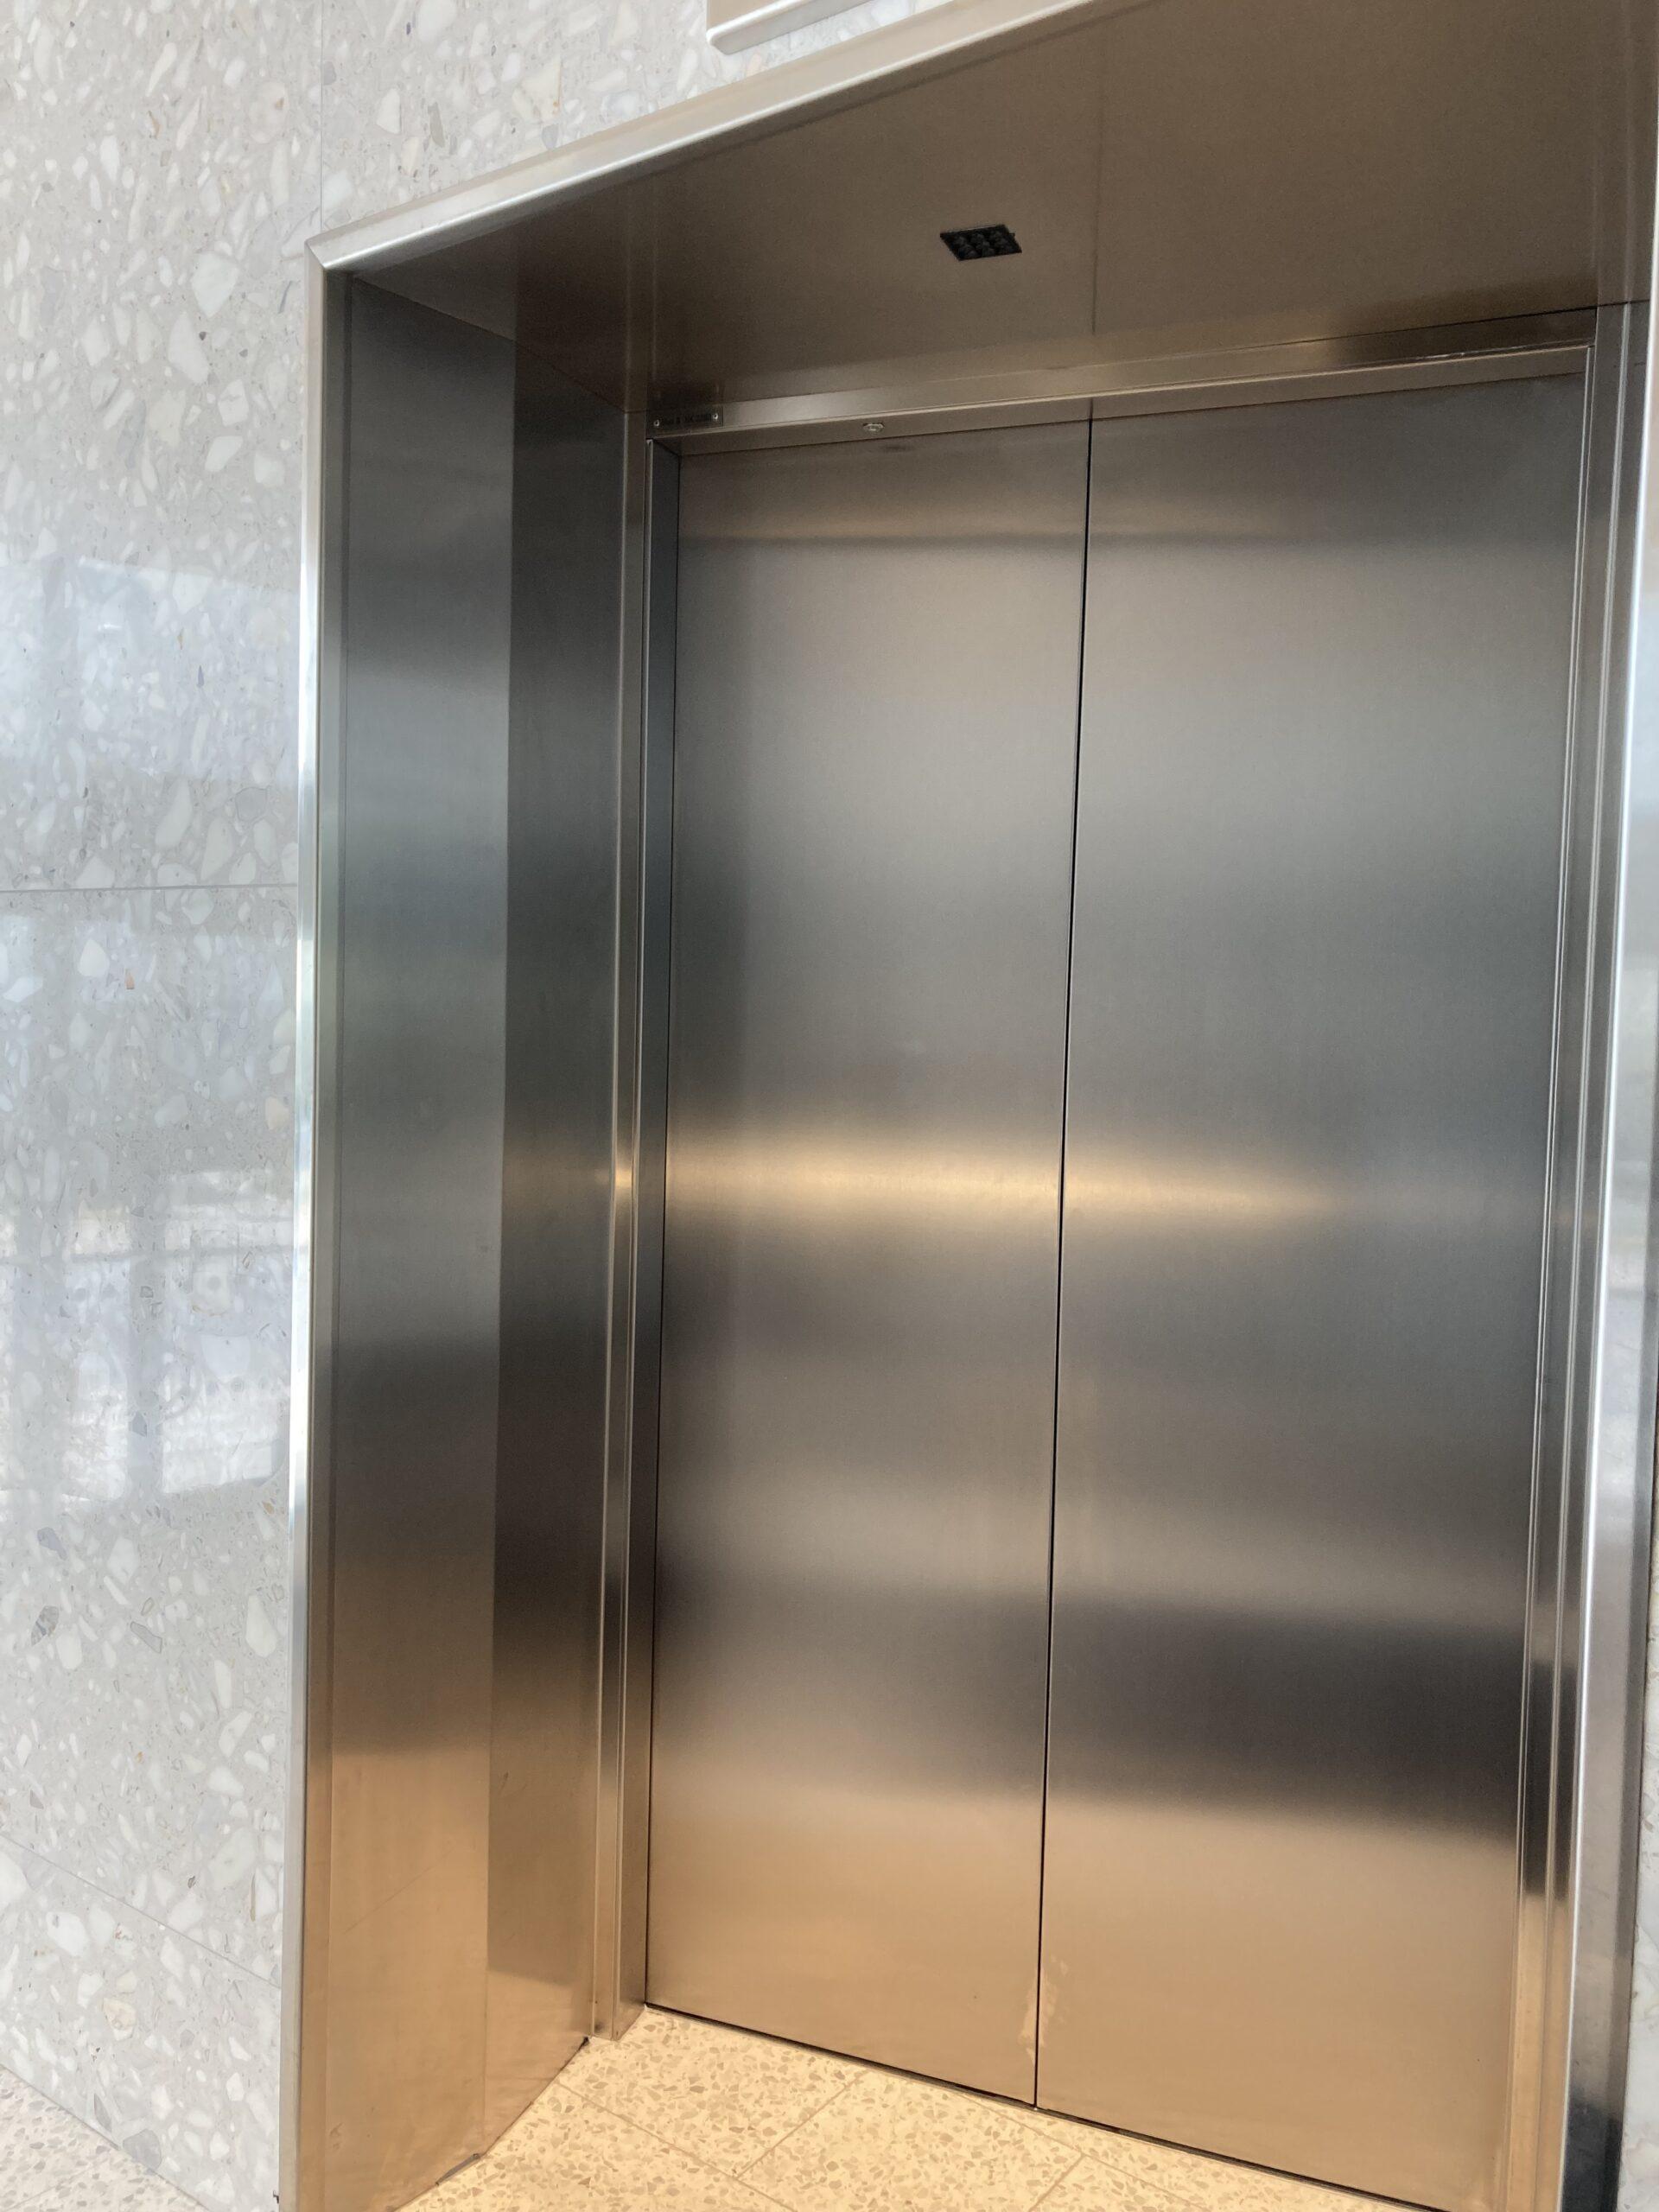 Tre hissar användes i mer än ett halvår trots att de inte var godkända. Hissen på bilden förekommer inte i artikeln.